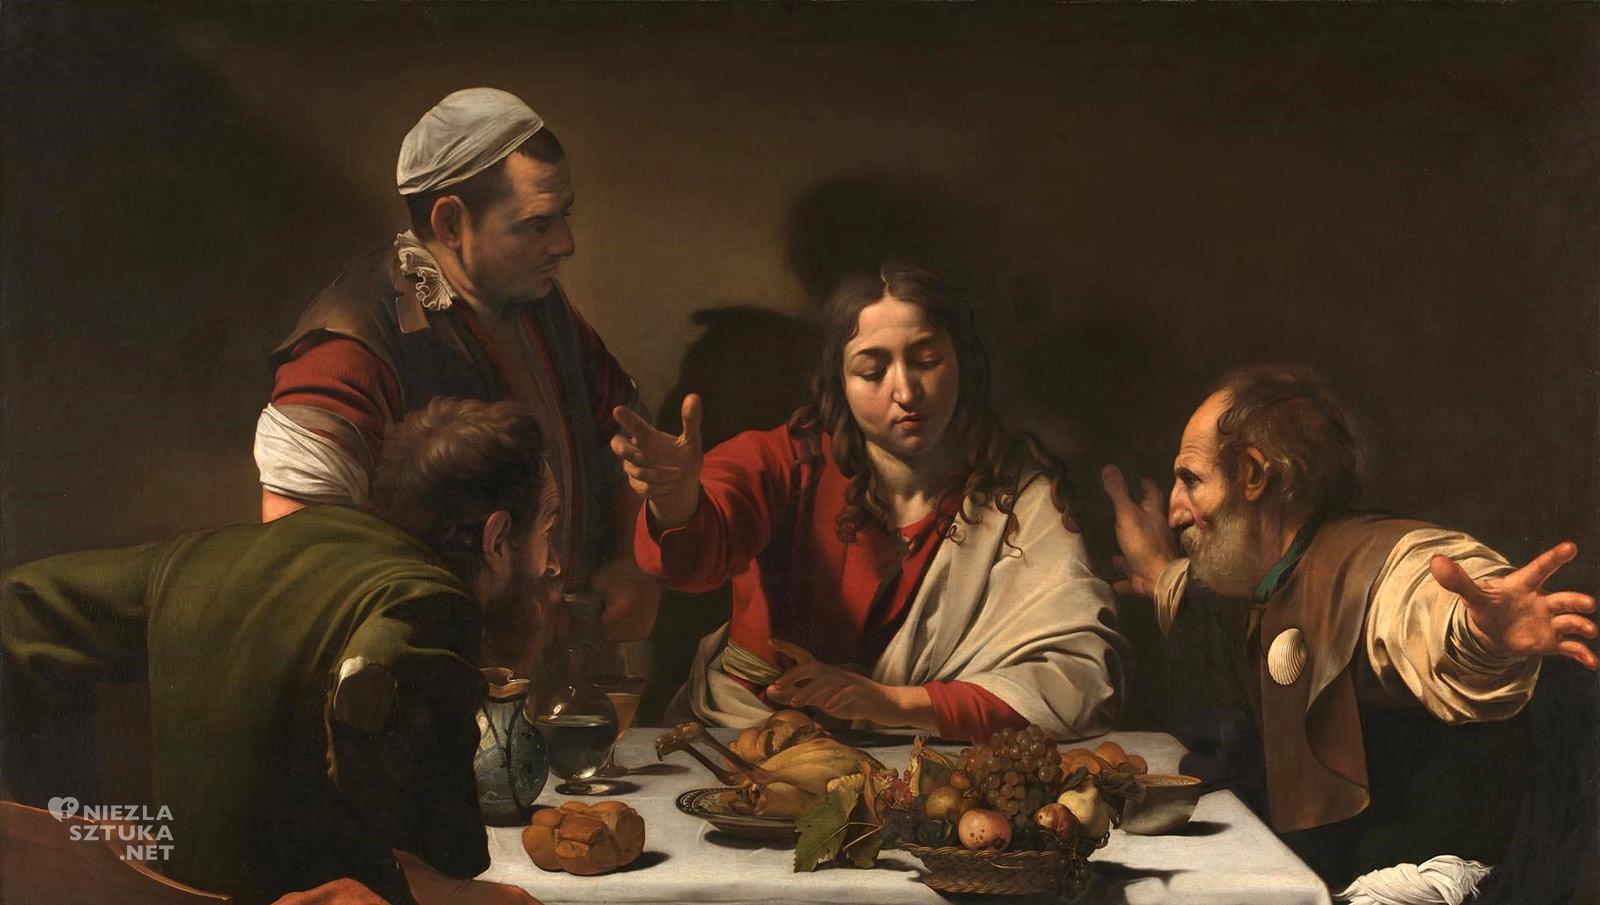 Caravaggio, Wieczerza w Emmaus, sztuka religijna, barok, caravaggionizm, Niezła Sztuka